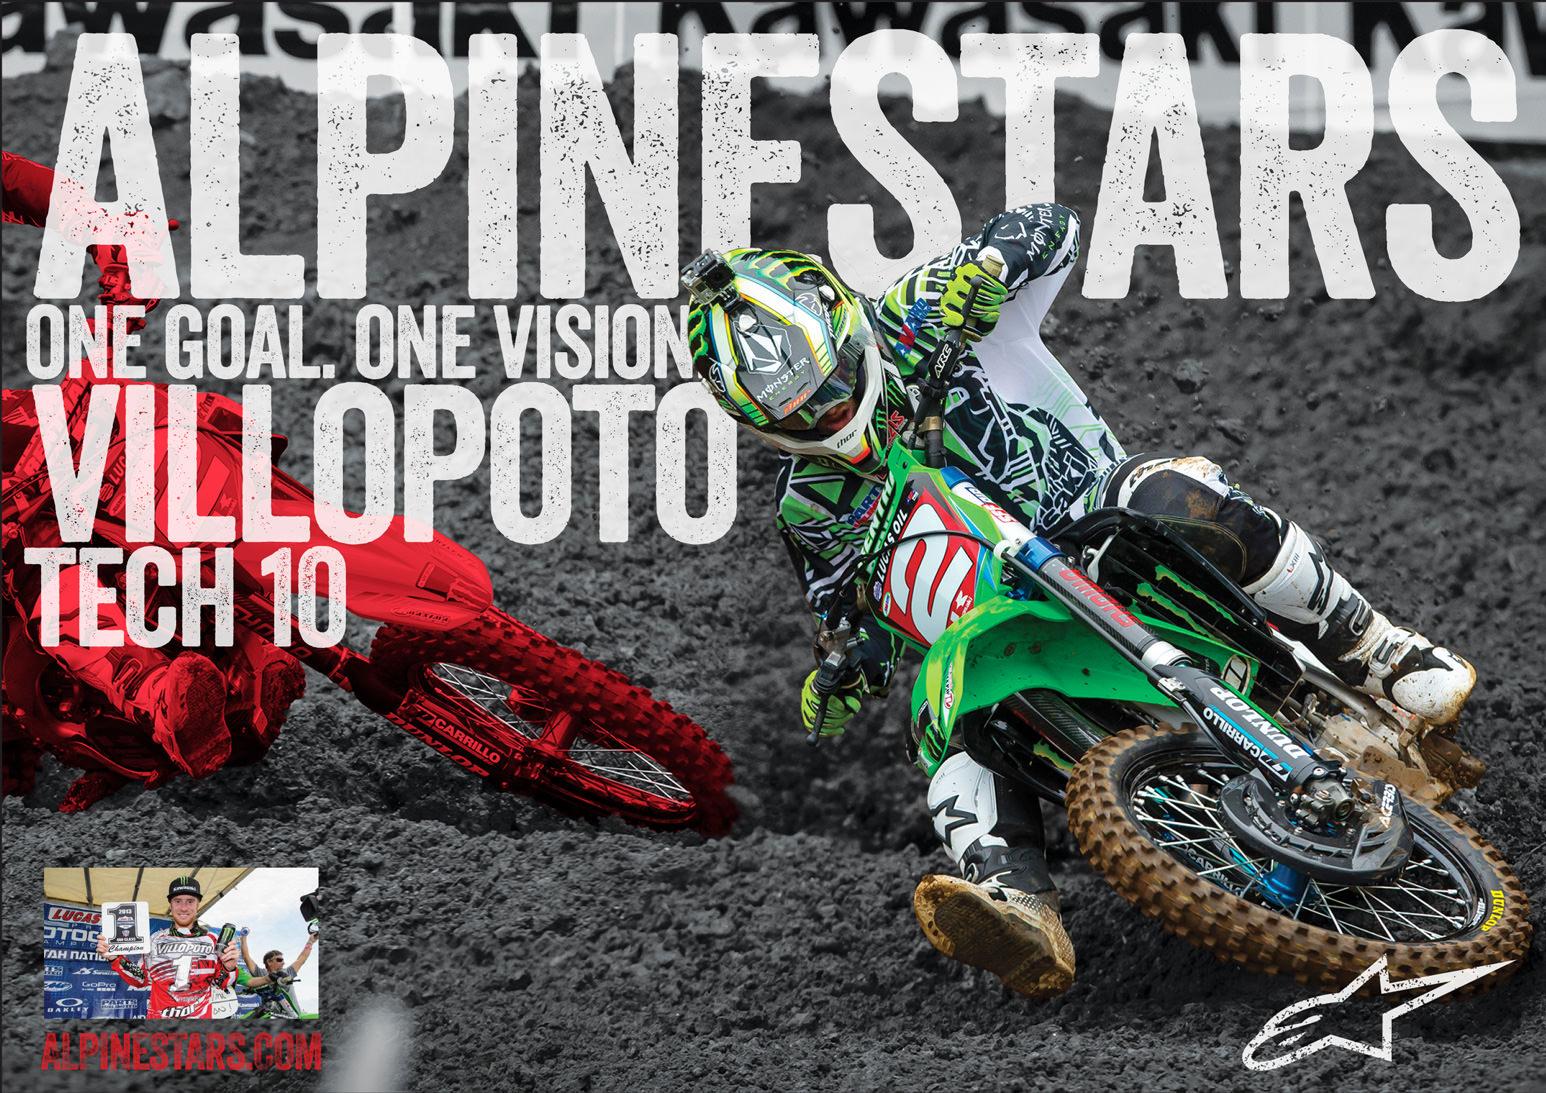 Alpinestars Motocross Spread Concept